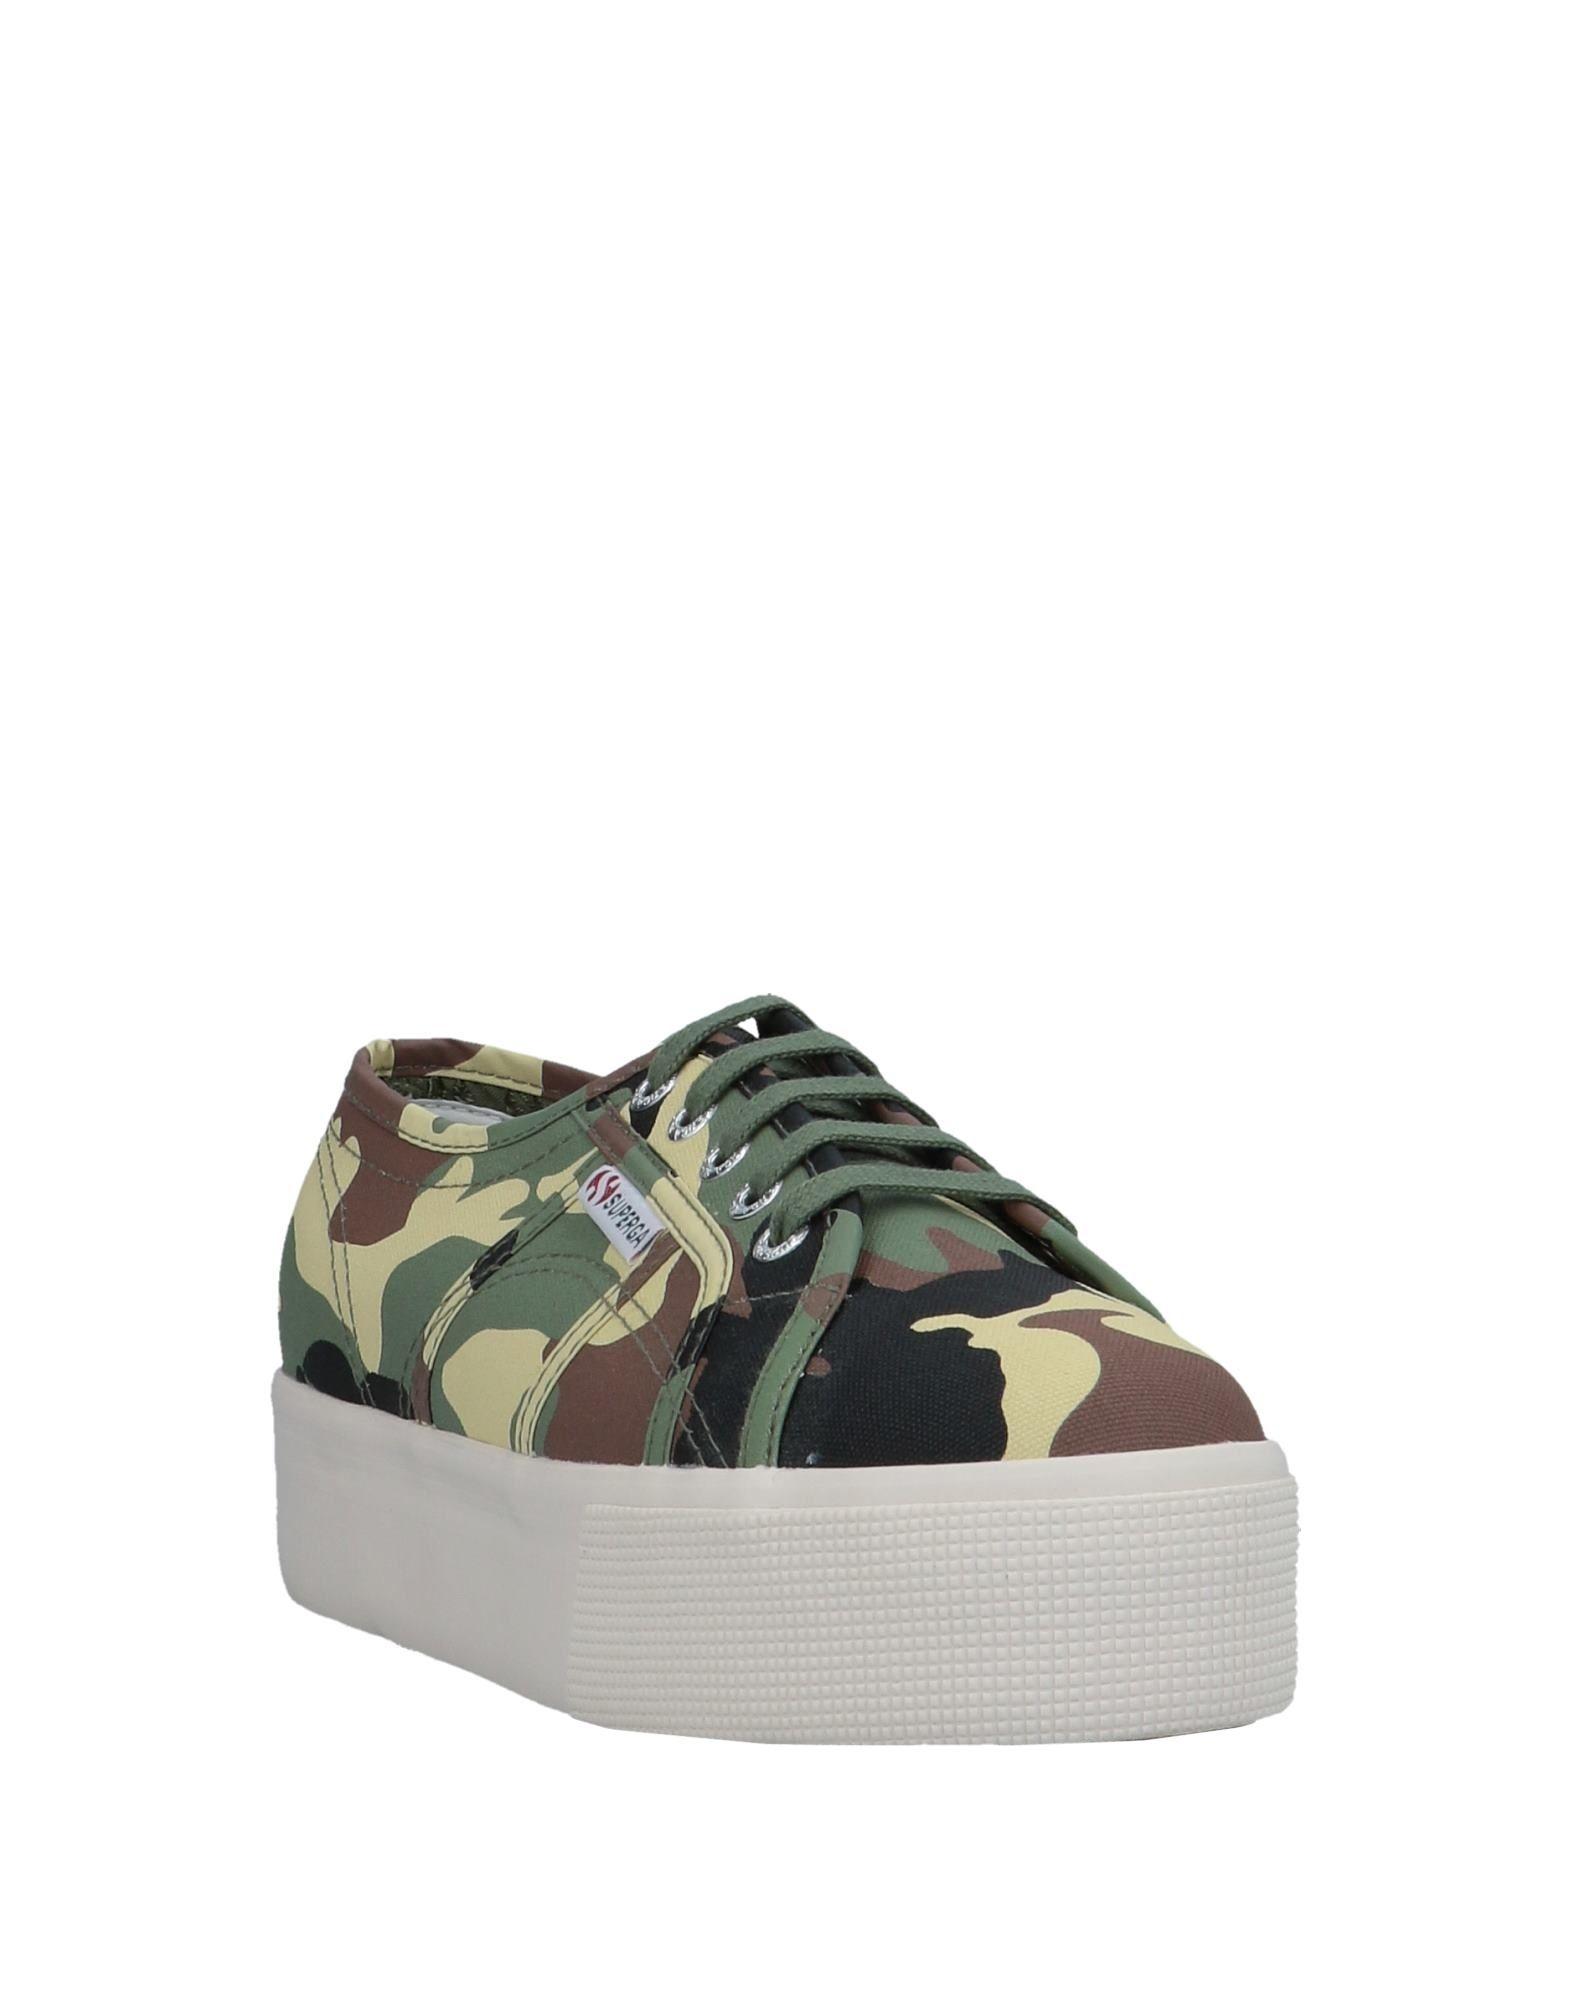 Superga® Sneakers Damen Qualität  11571314IT Gute Qualität Damen beliebte Schuhe 91e10d